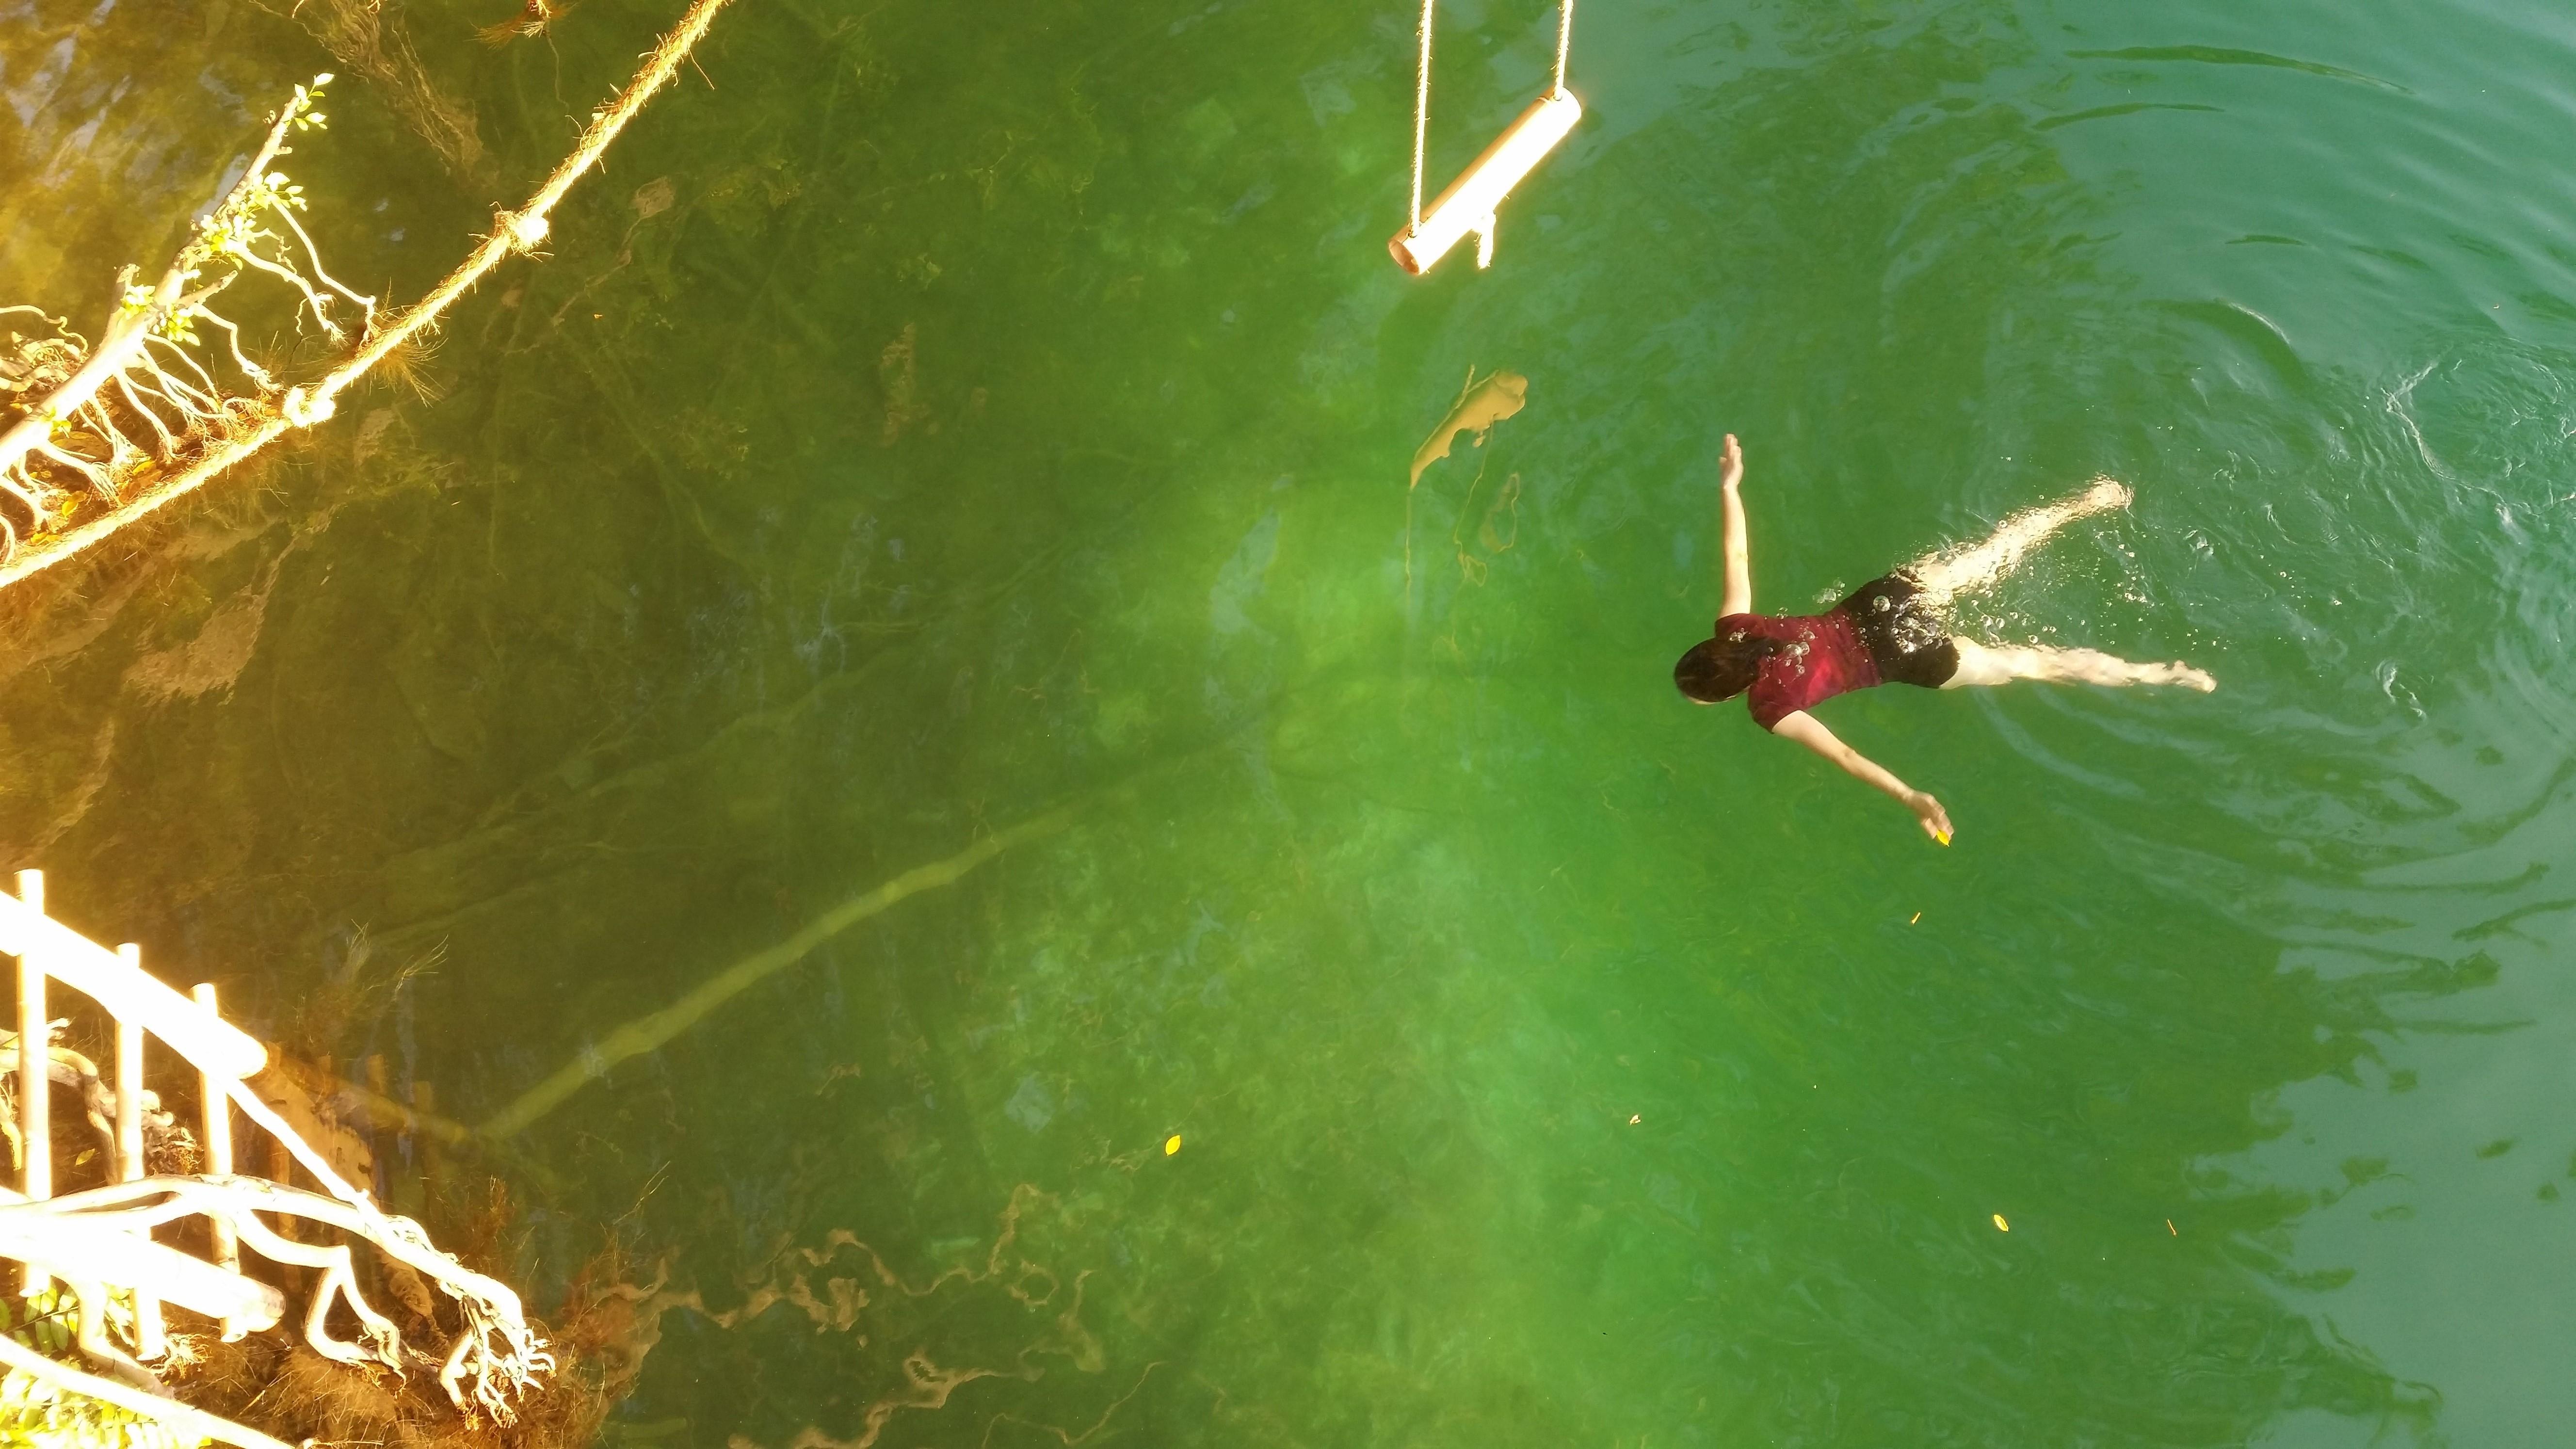 Image from Tadom Hill Resort